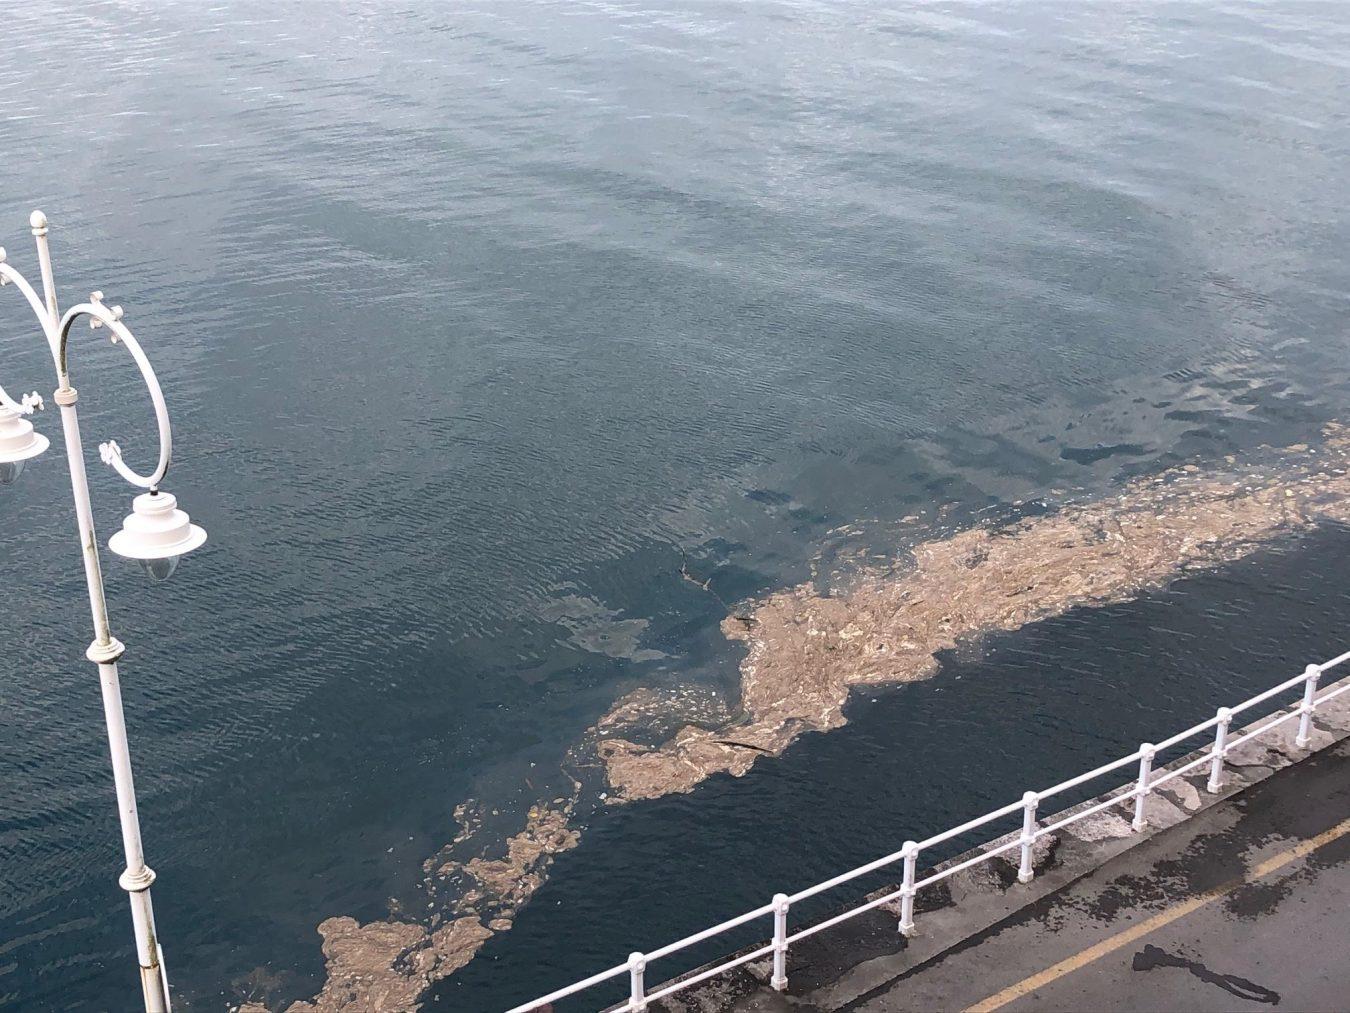 La playa de Ribadesella seguirá cerrada al baño este domingo tras el episodio contaminante de ayer